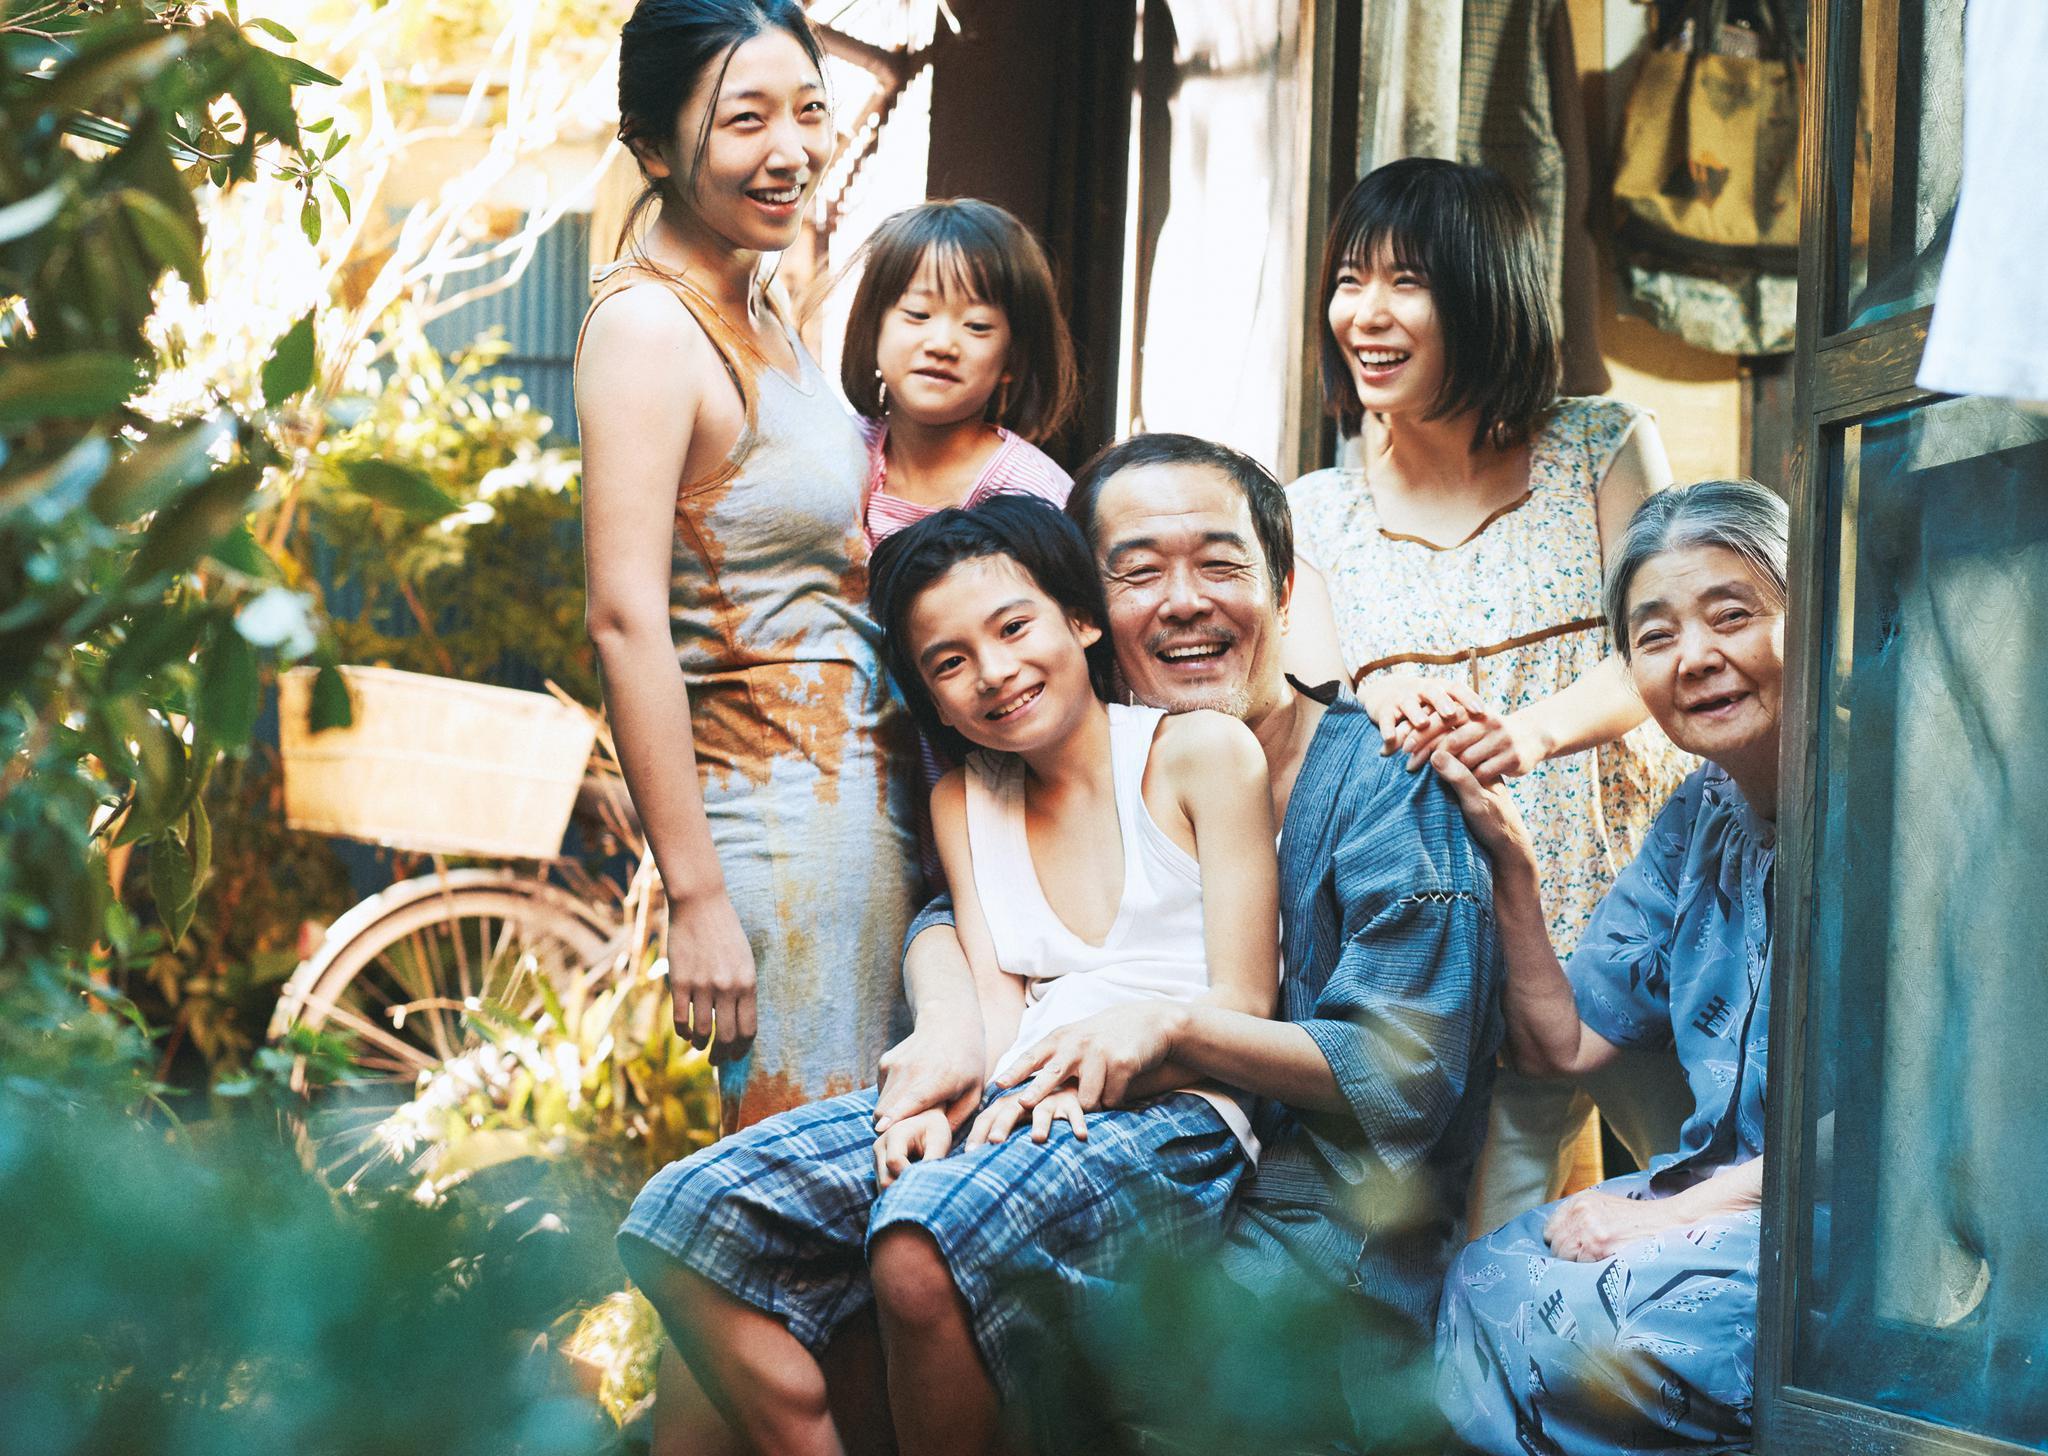 成人电影日本中川亚衣_据悉,由是枝裕和执导,中川雅也,安藤樱主演的日本电影《小偷